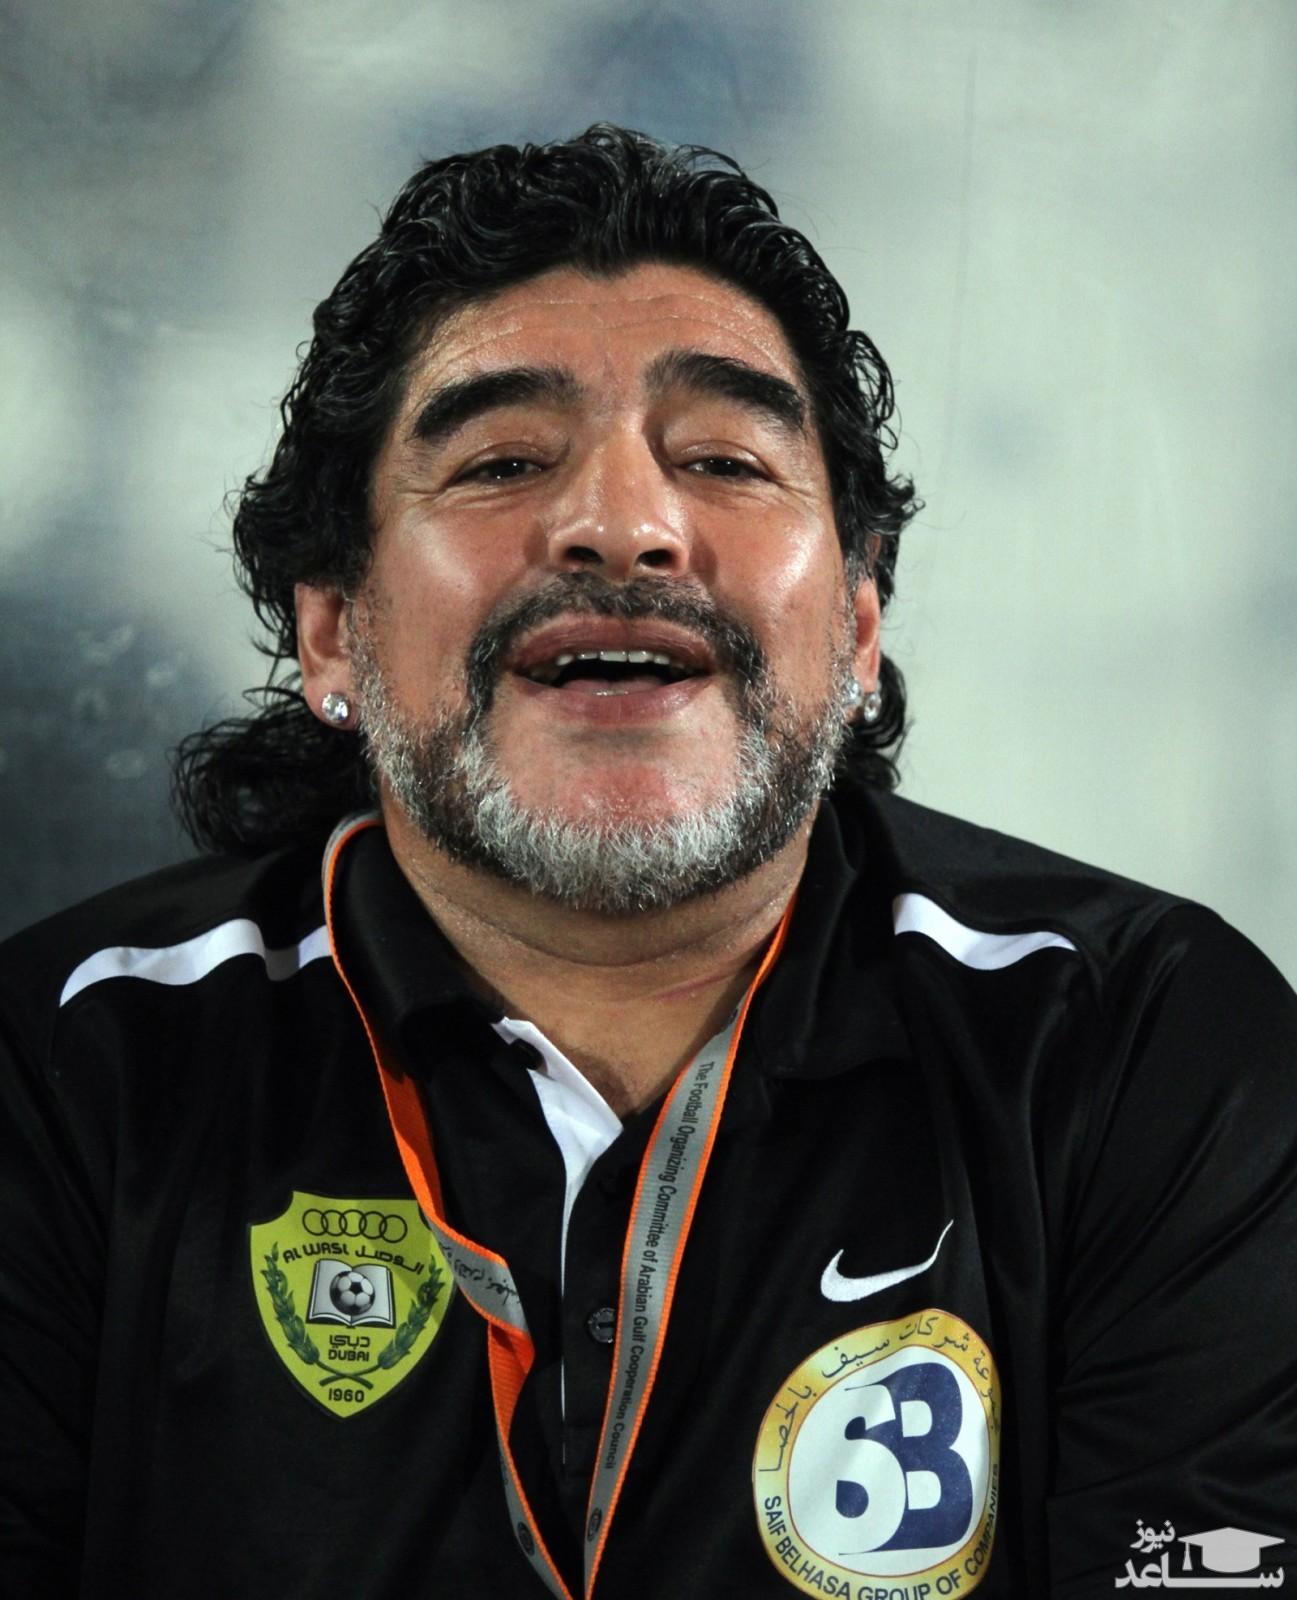 پرستار دیگو مارادونا دروغ گفته بود؟